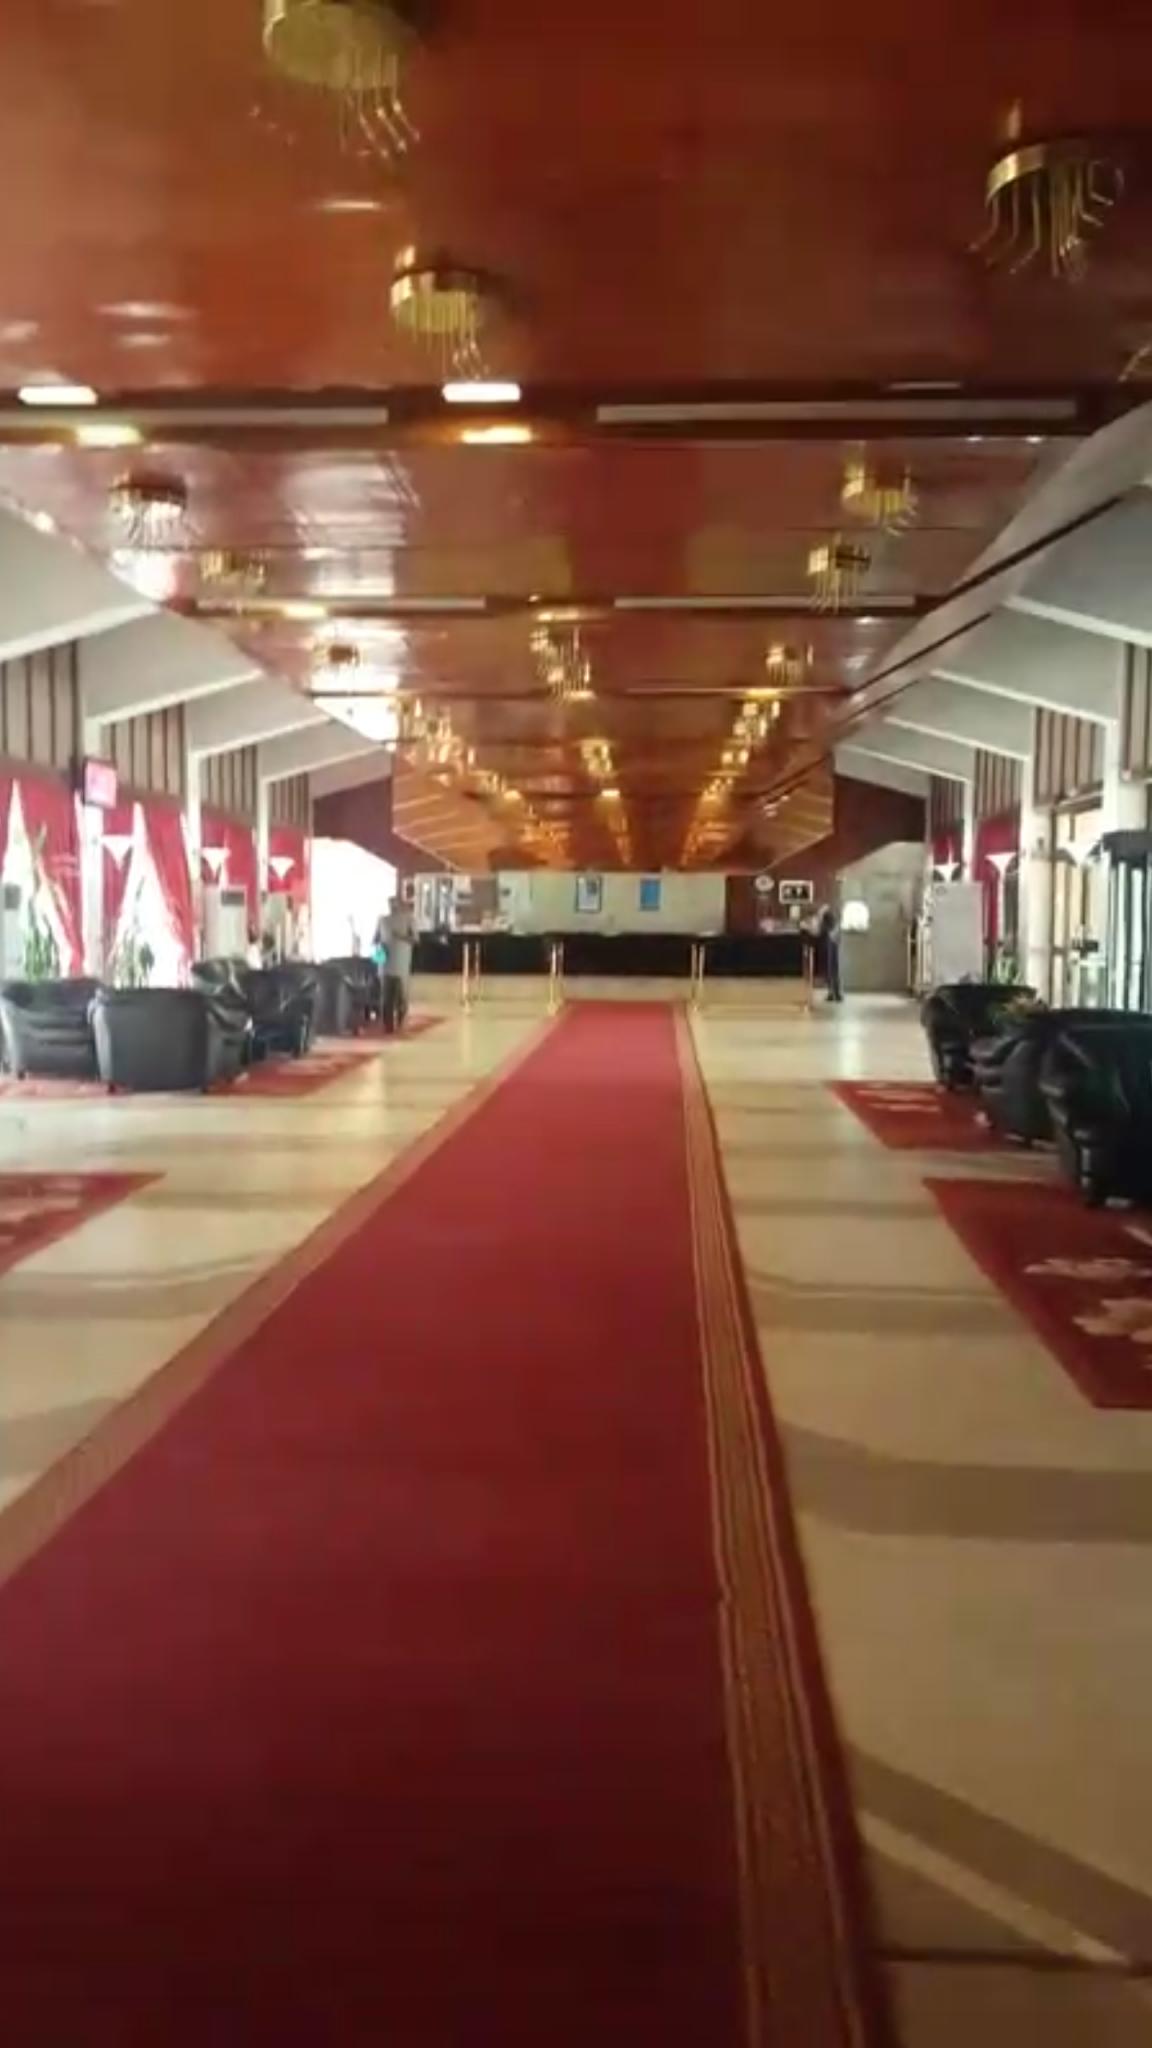 Reception area of The Hotel Gaweye